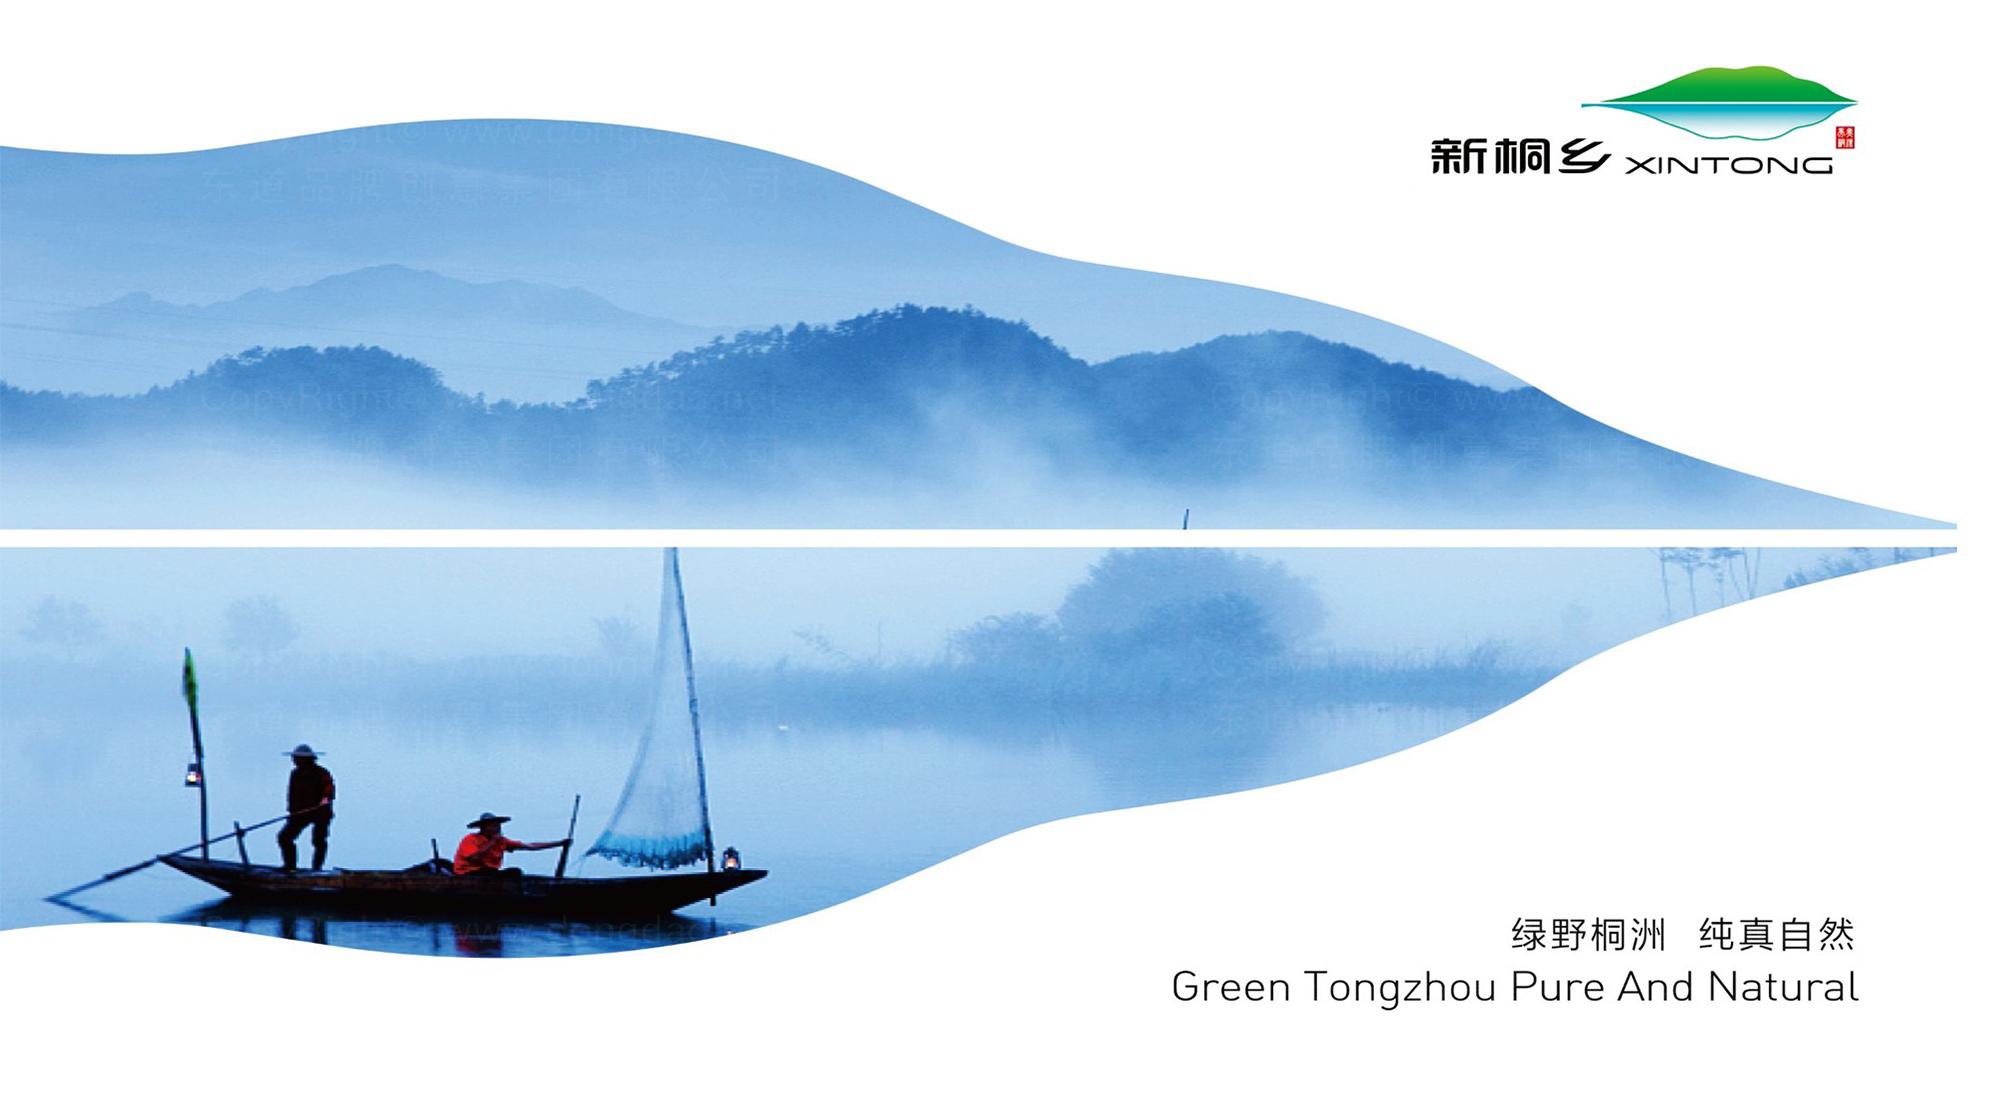 新桐乡政府logo设计、vi设计